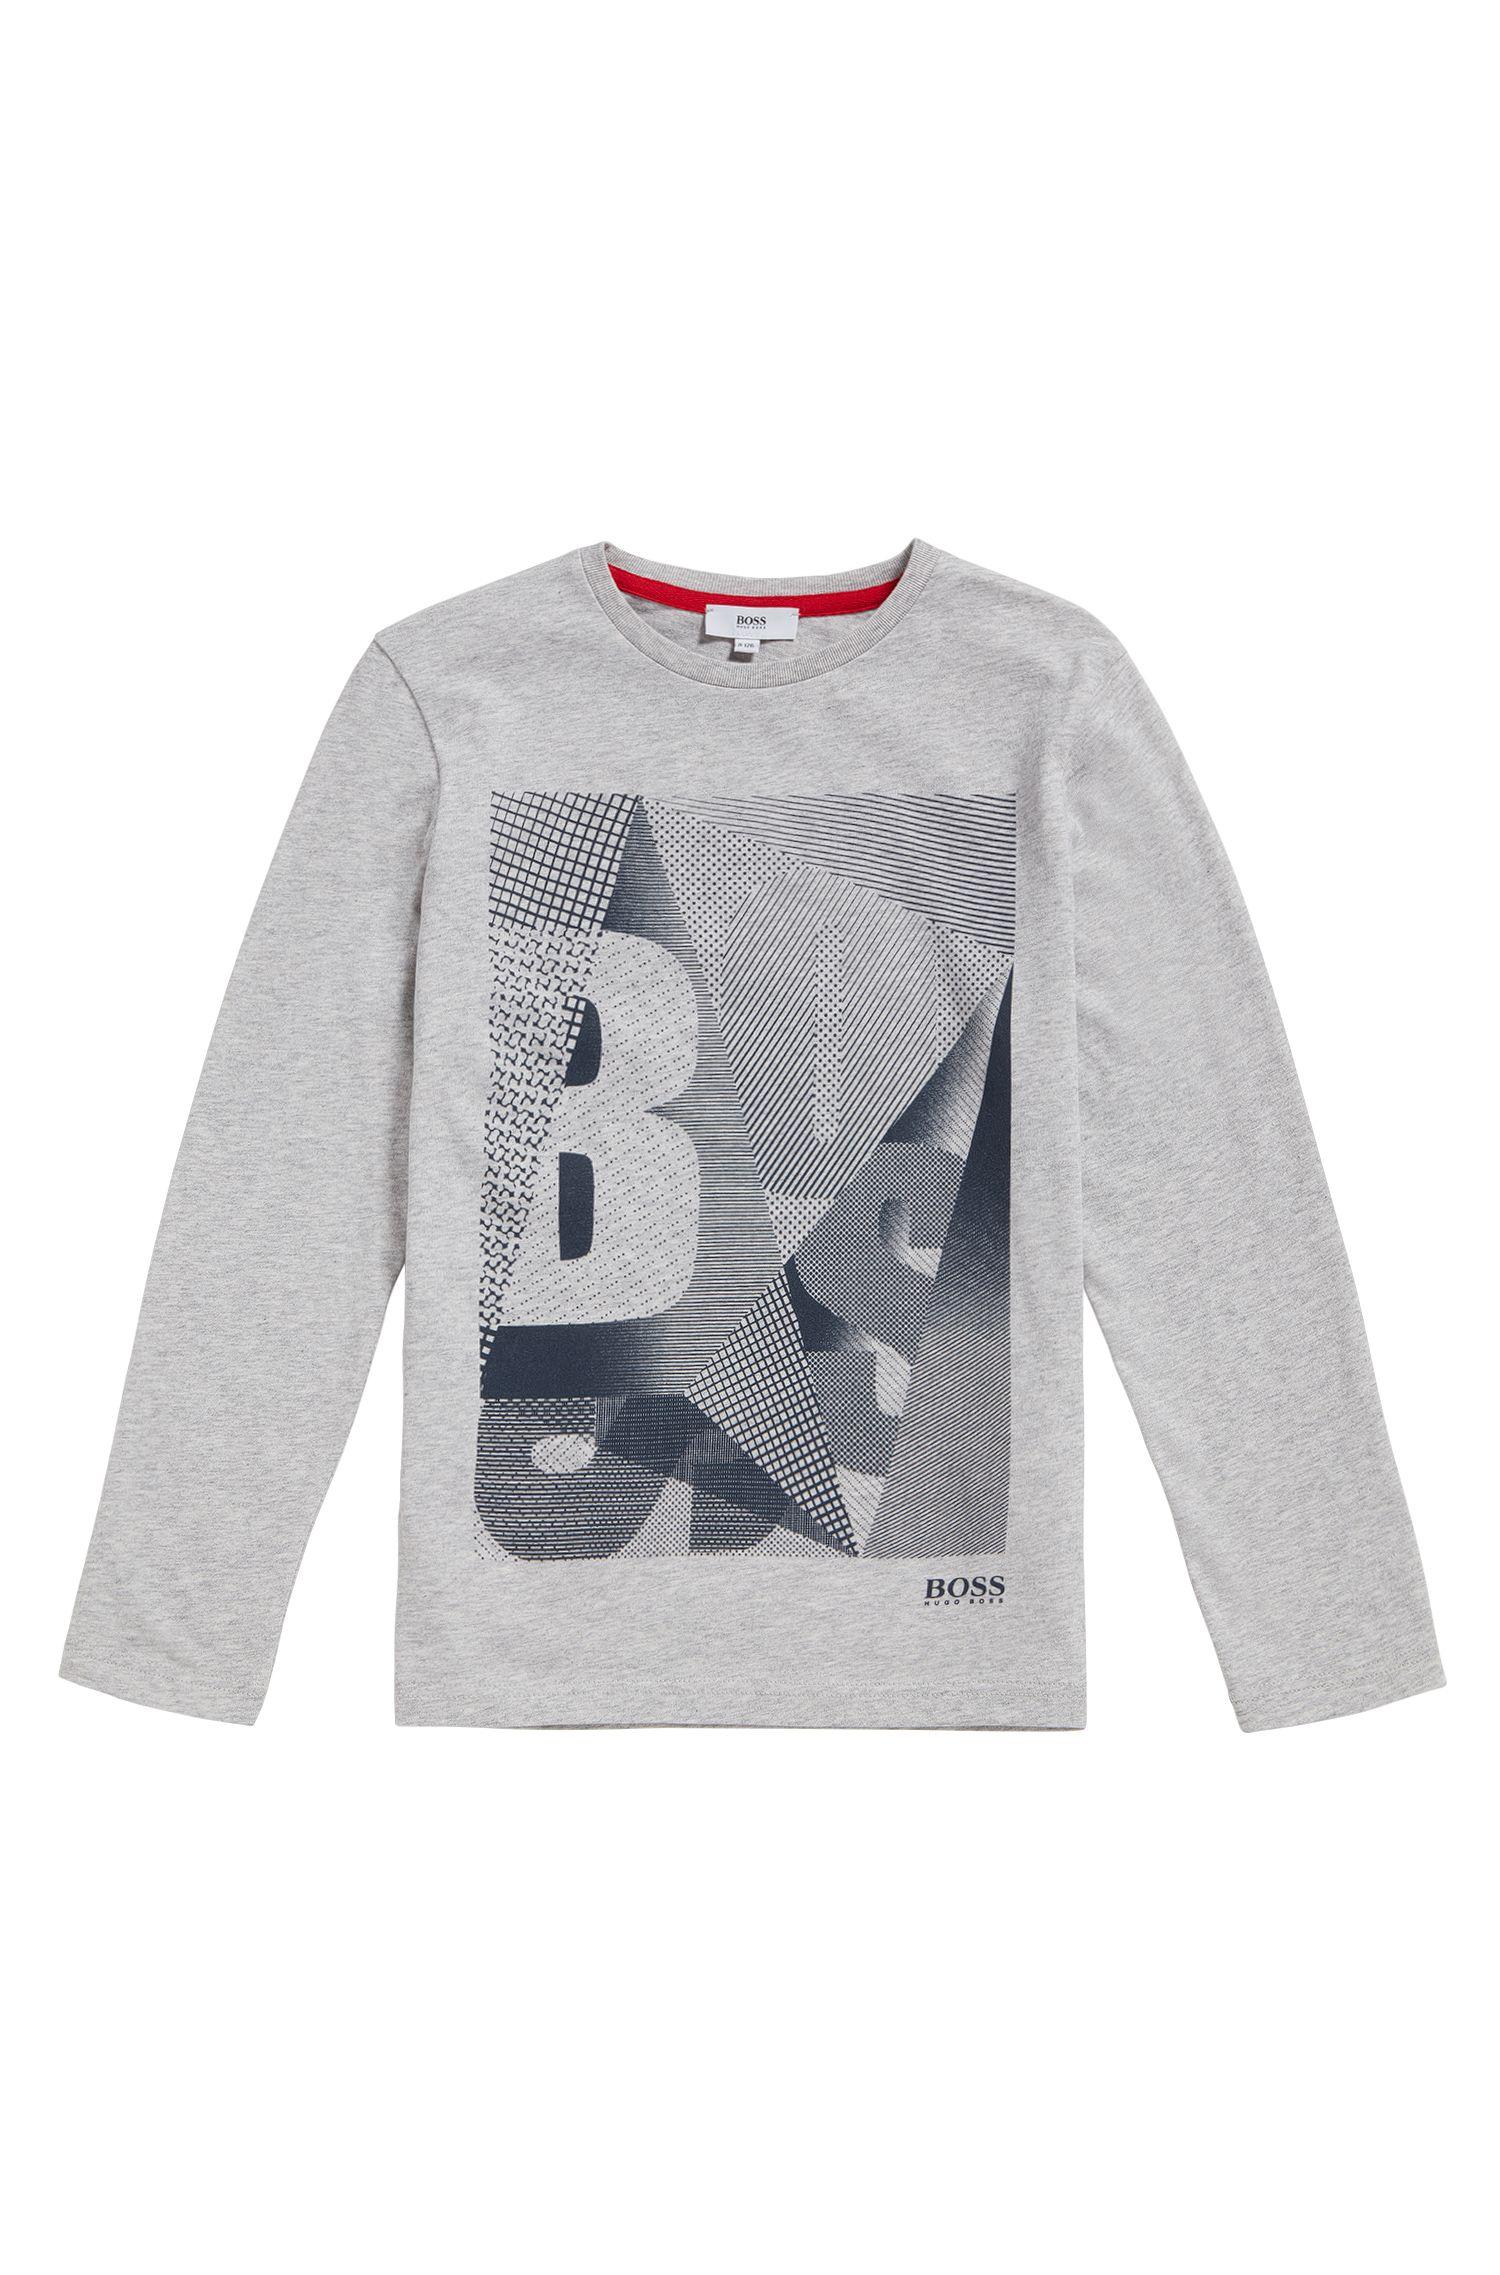 Kids' cotton shirt with logo print: 'J25A06'